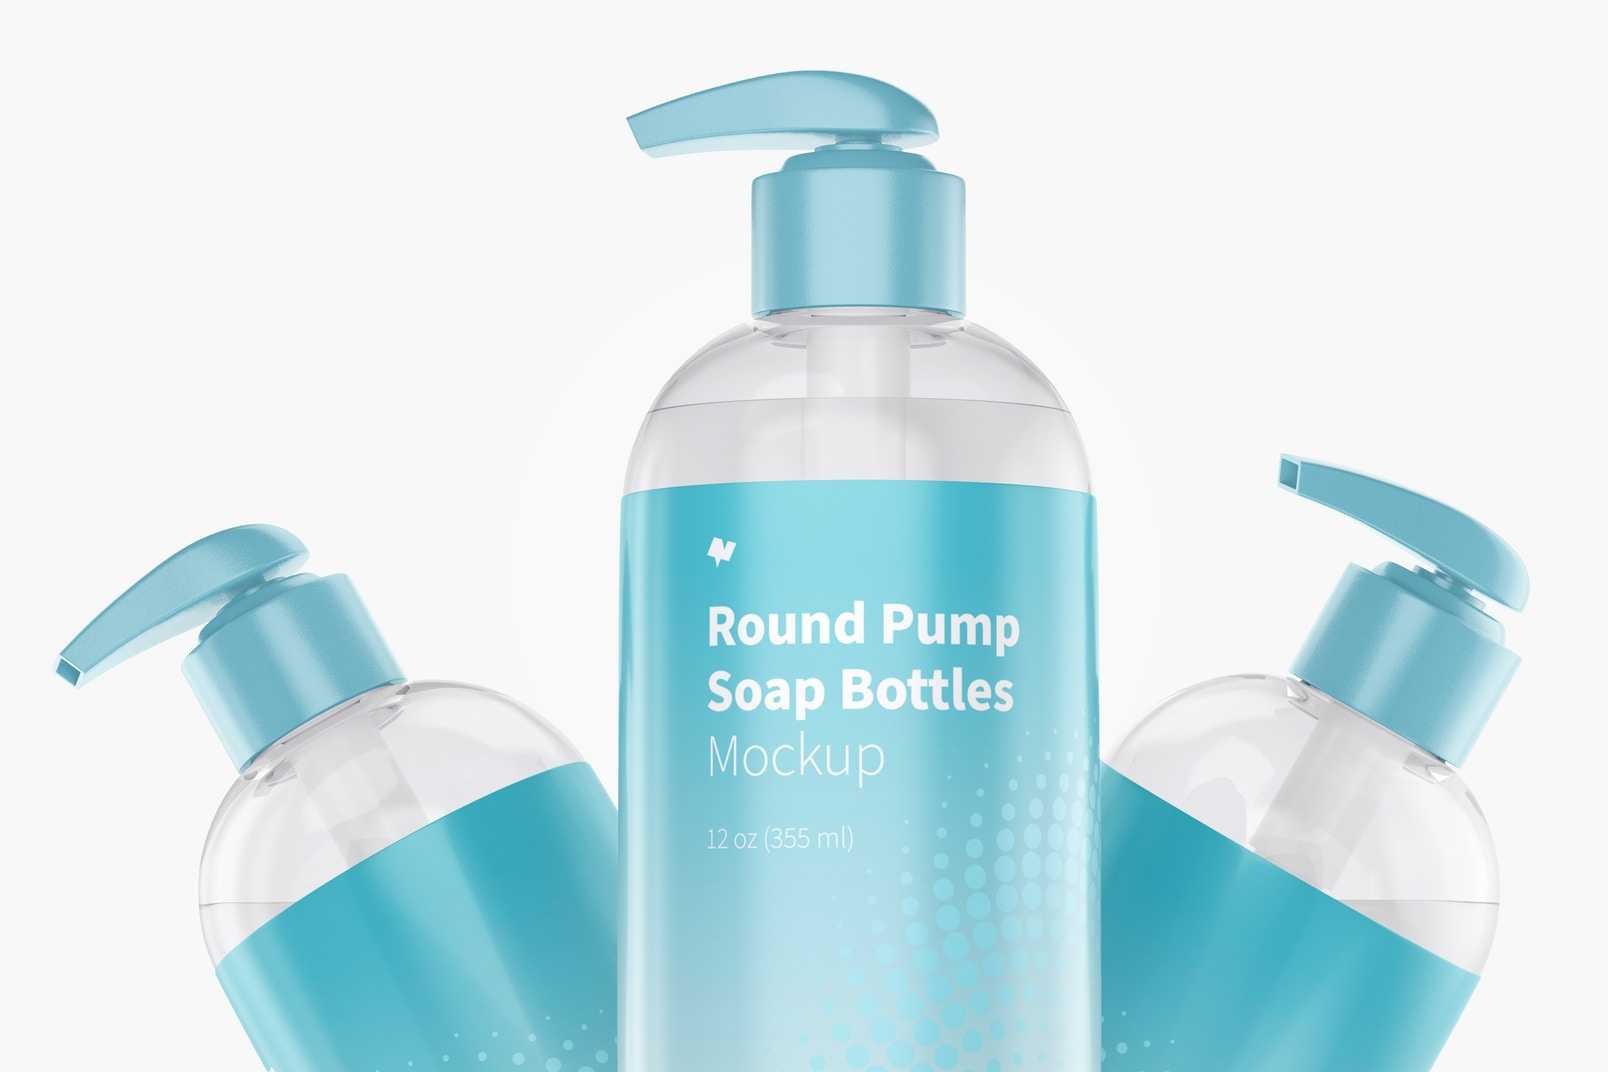 Round Pump Soap Bottles Set Mockup